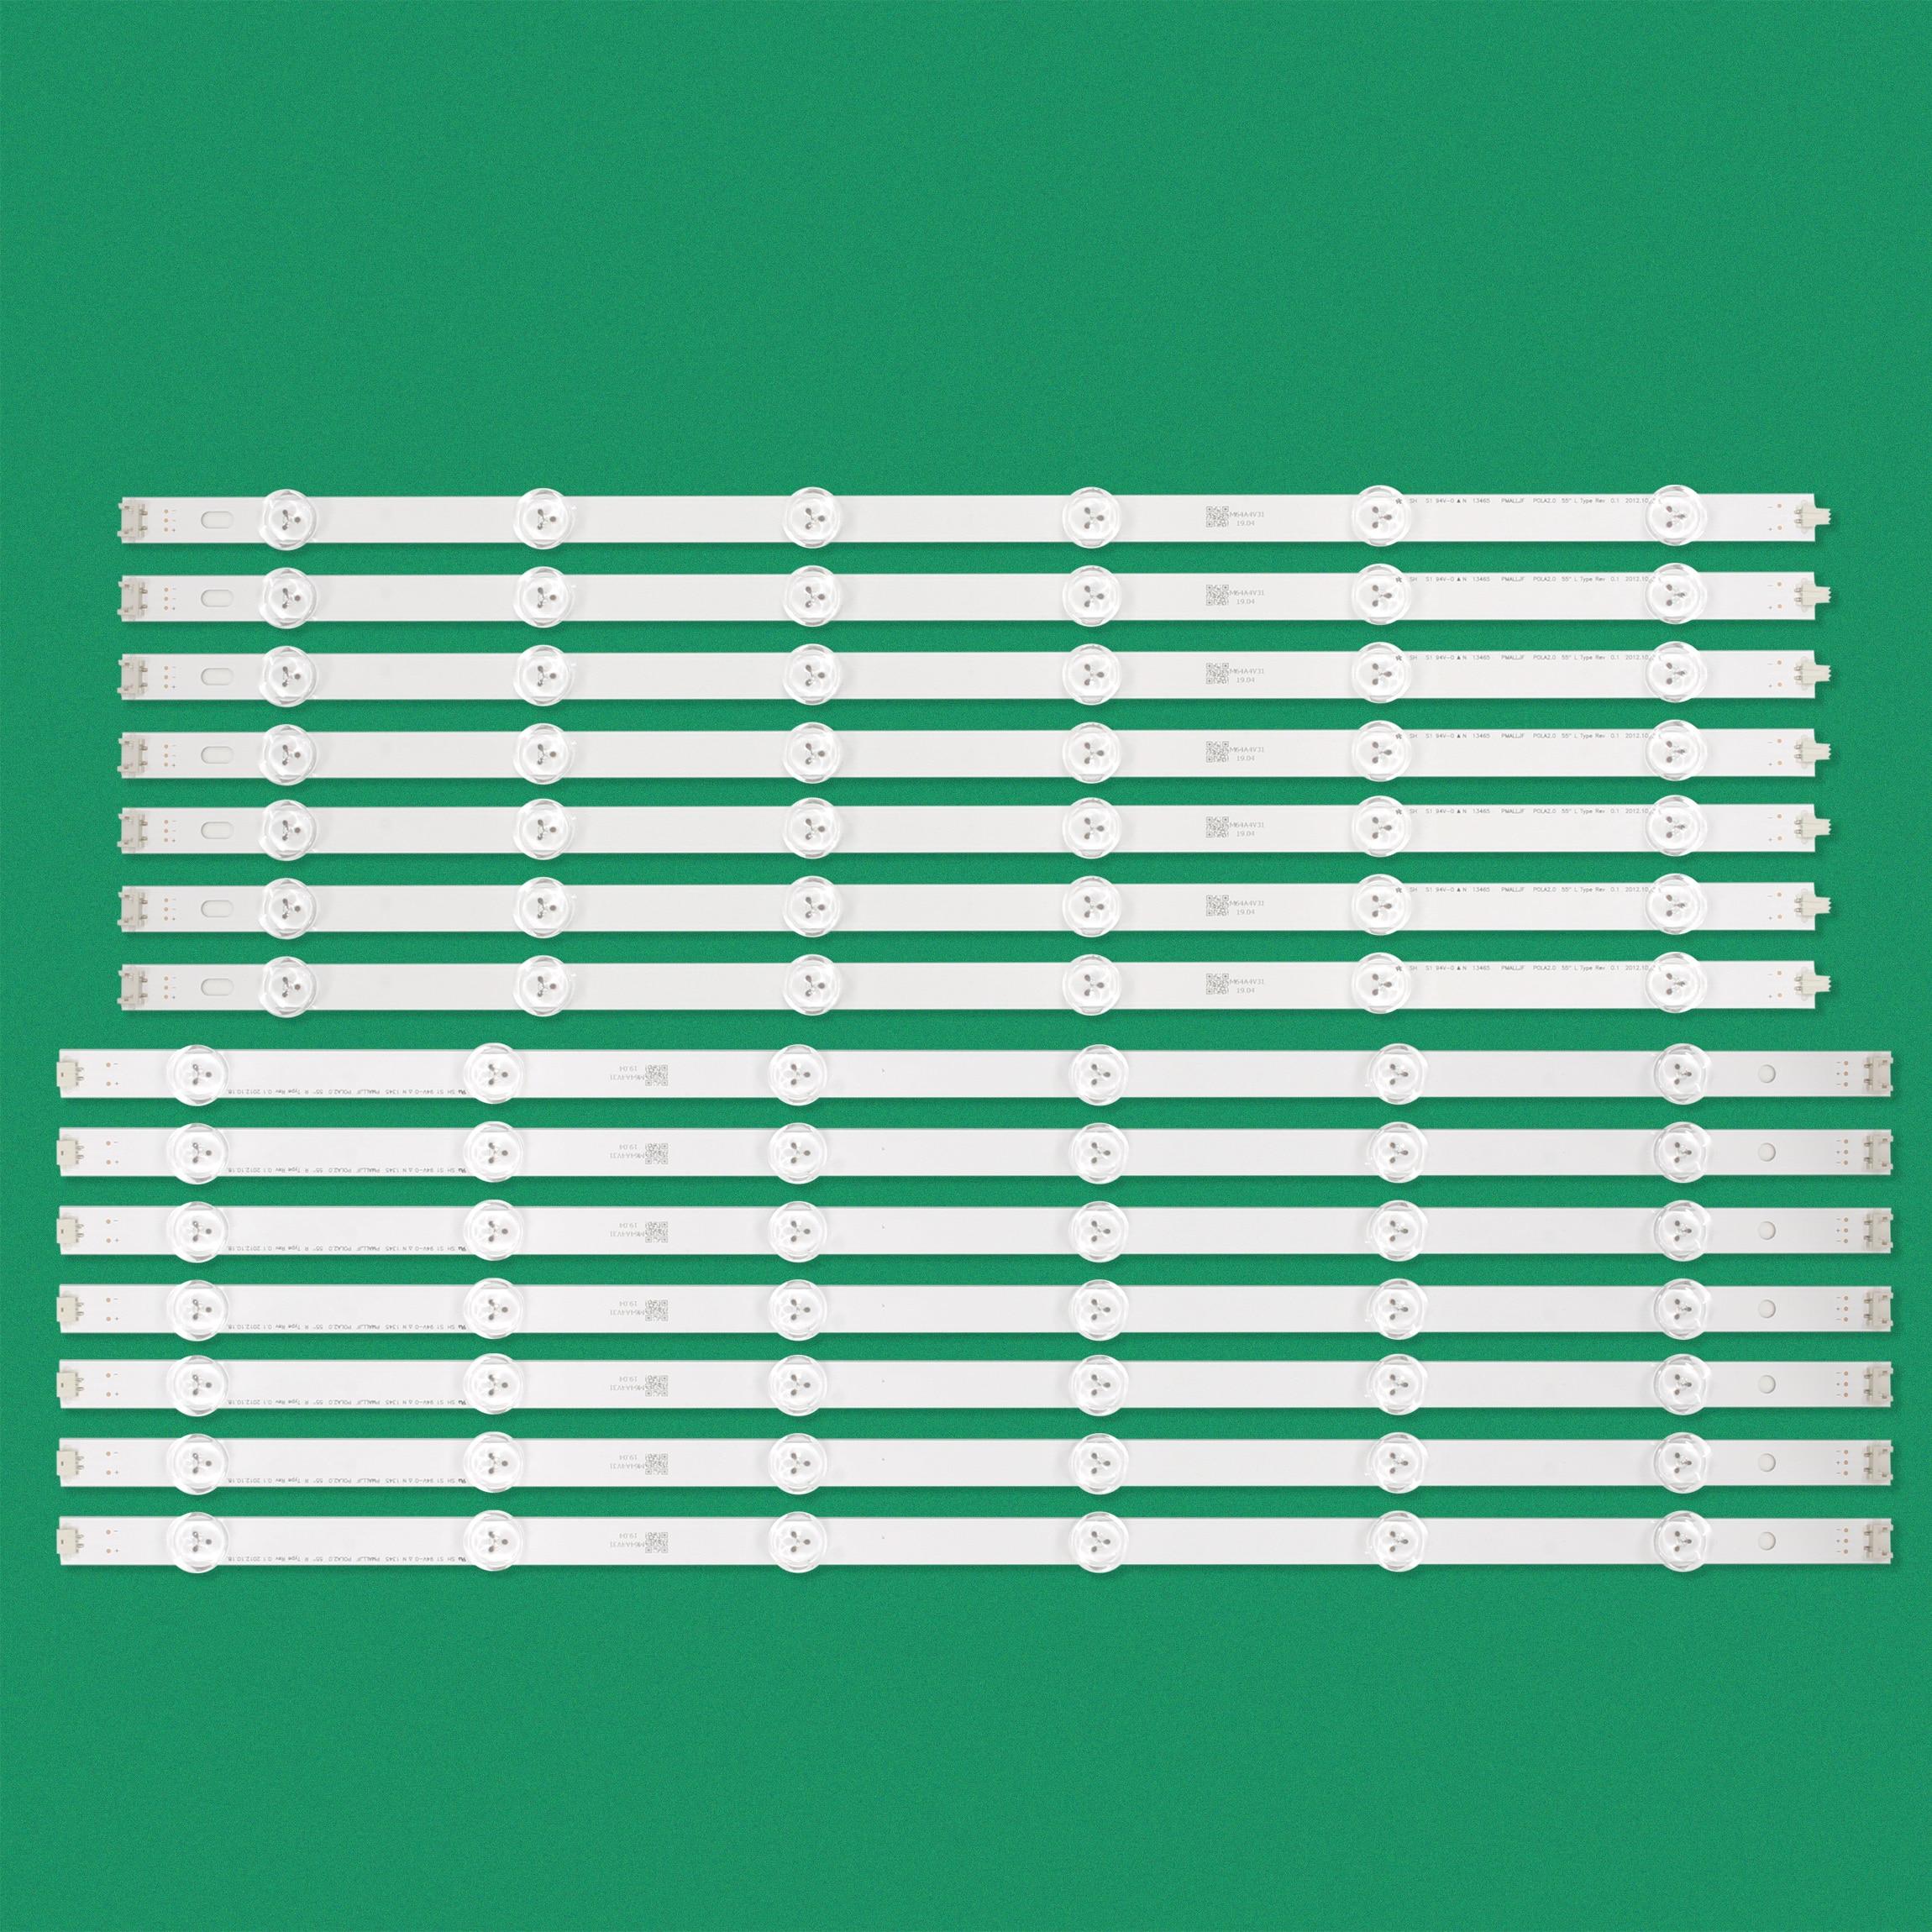 14 PCS set LED backlight strip for LG POLA 2 0 55 55LA613S ZB 55LA6136 ZB